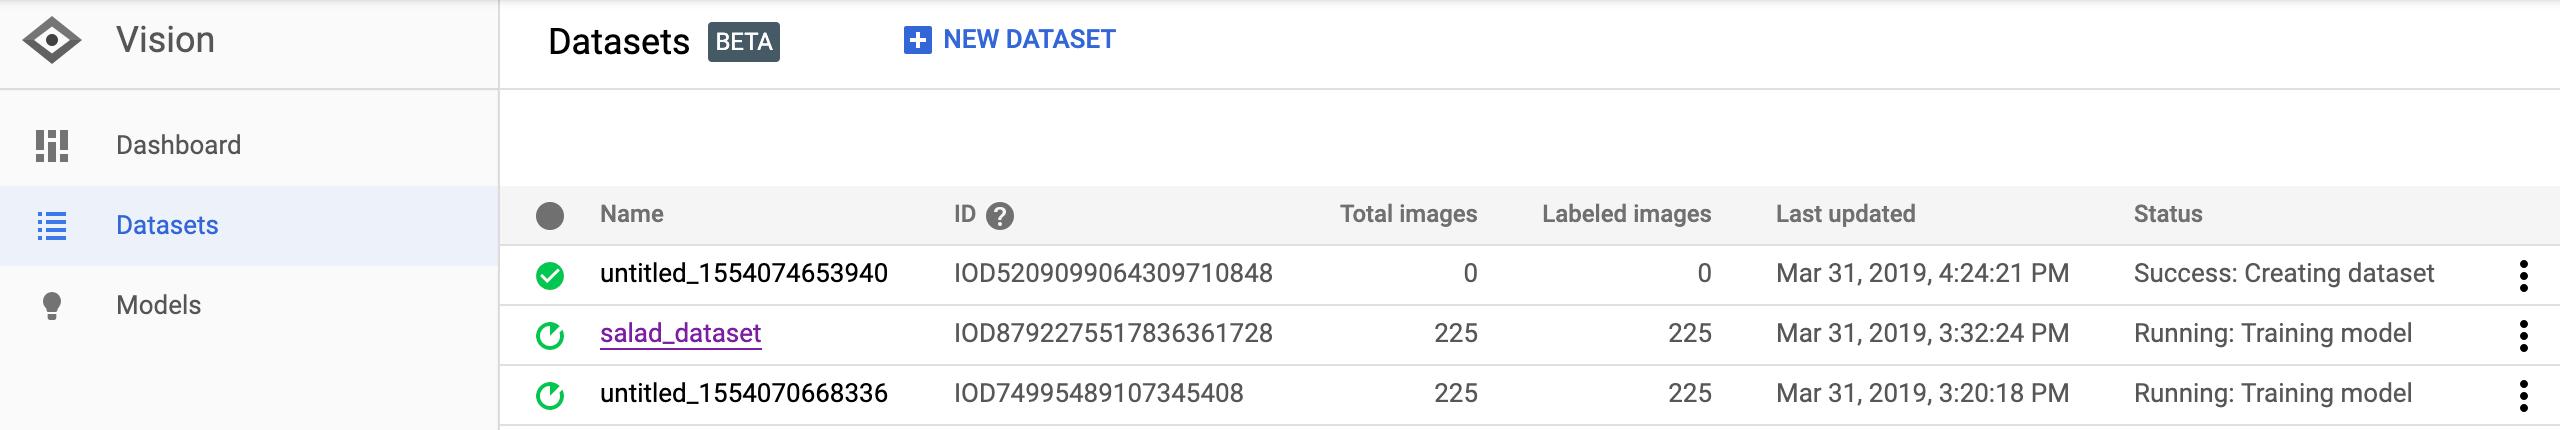 데이터 세트 이미지 나열